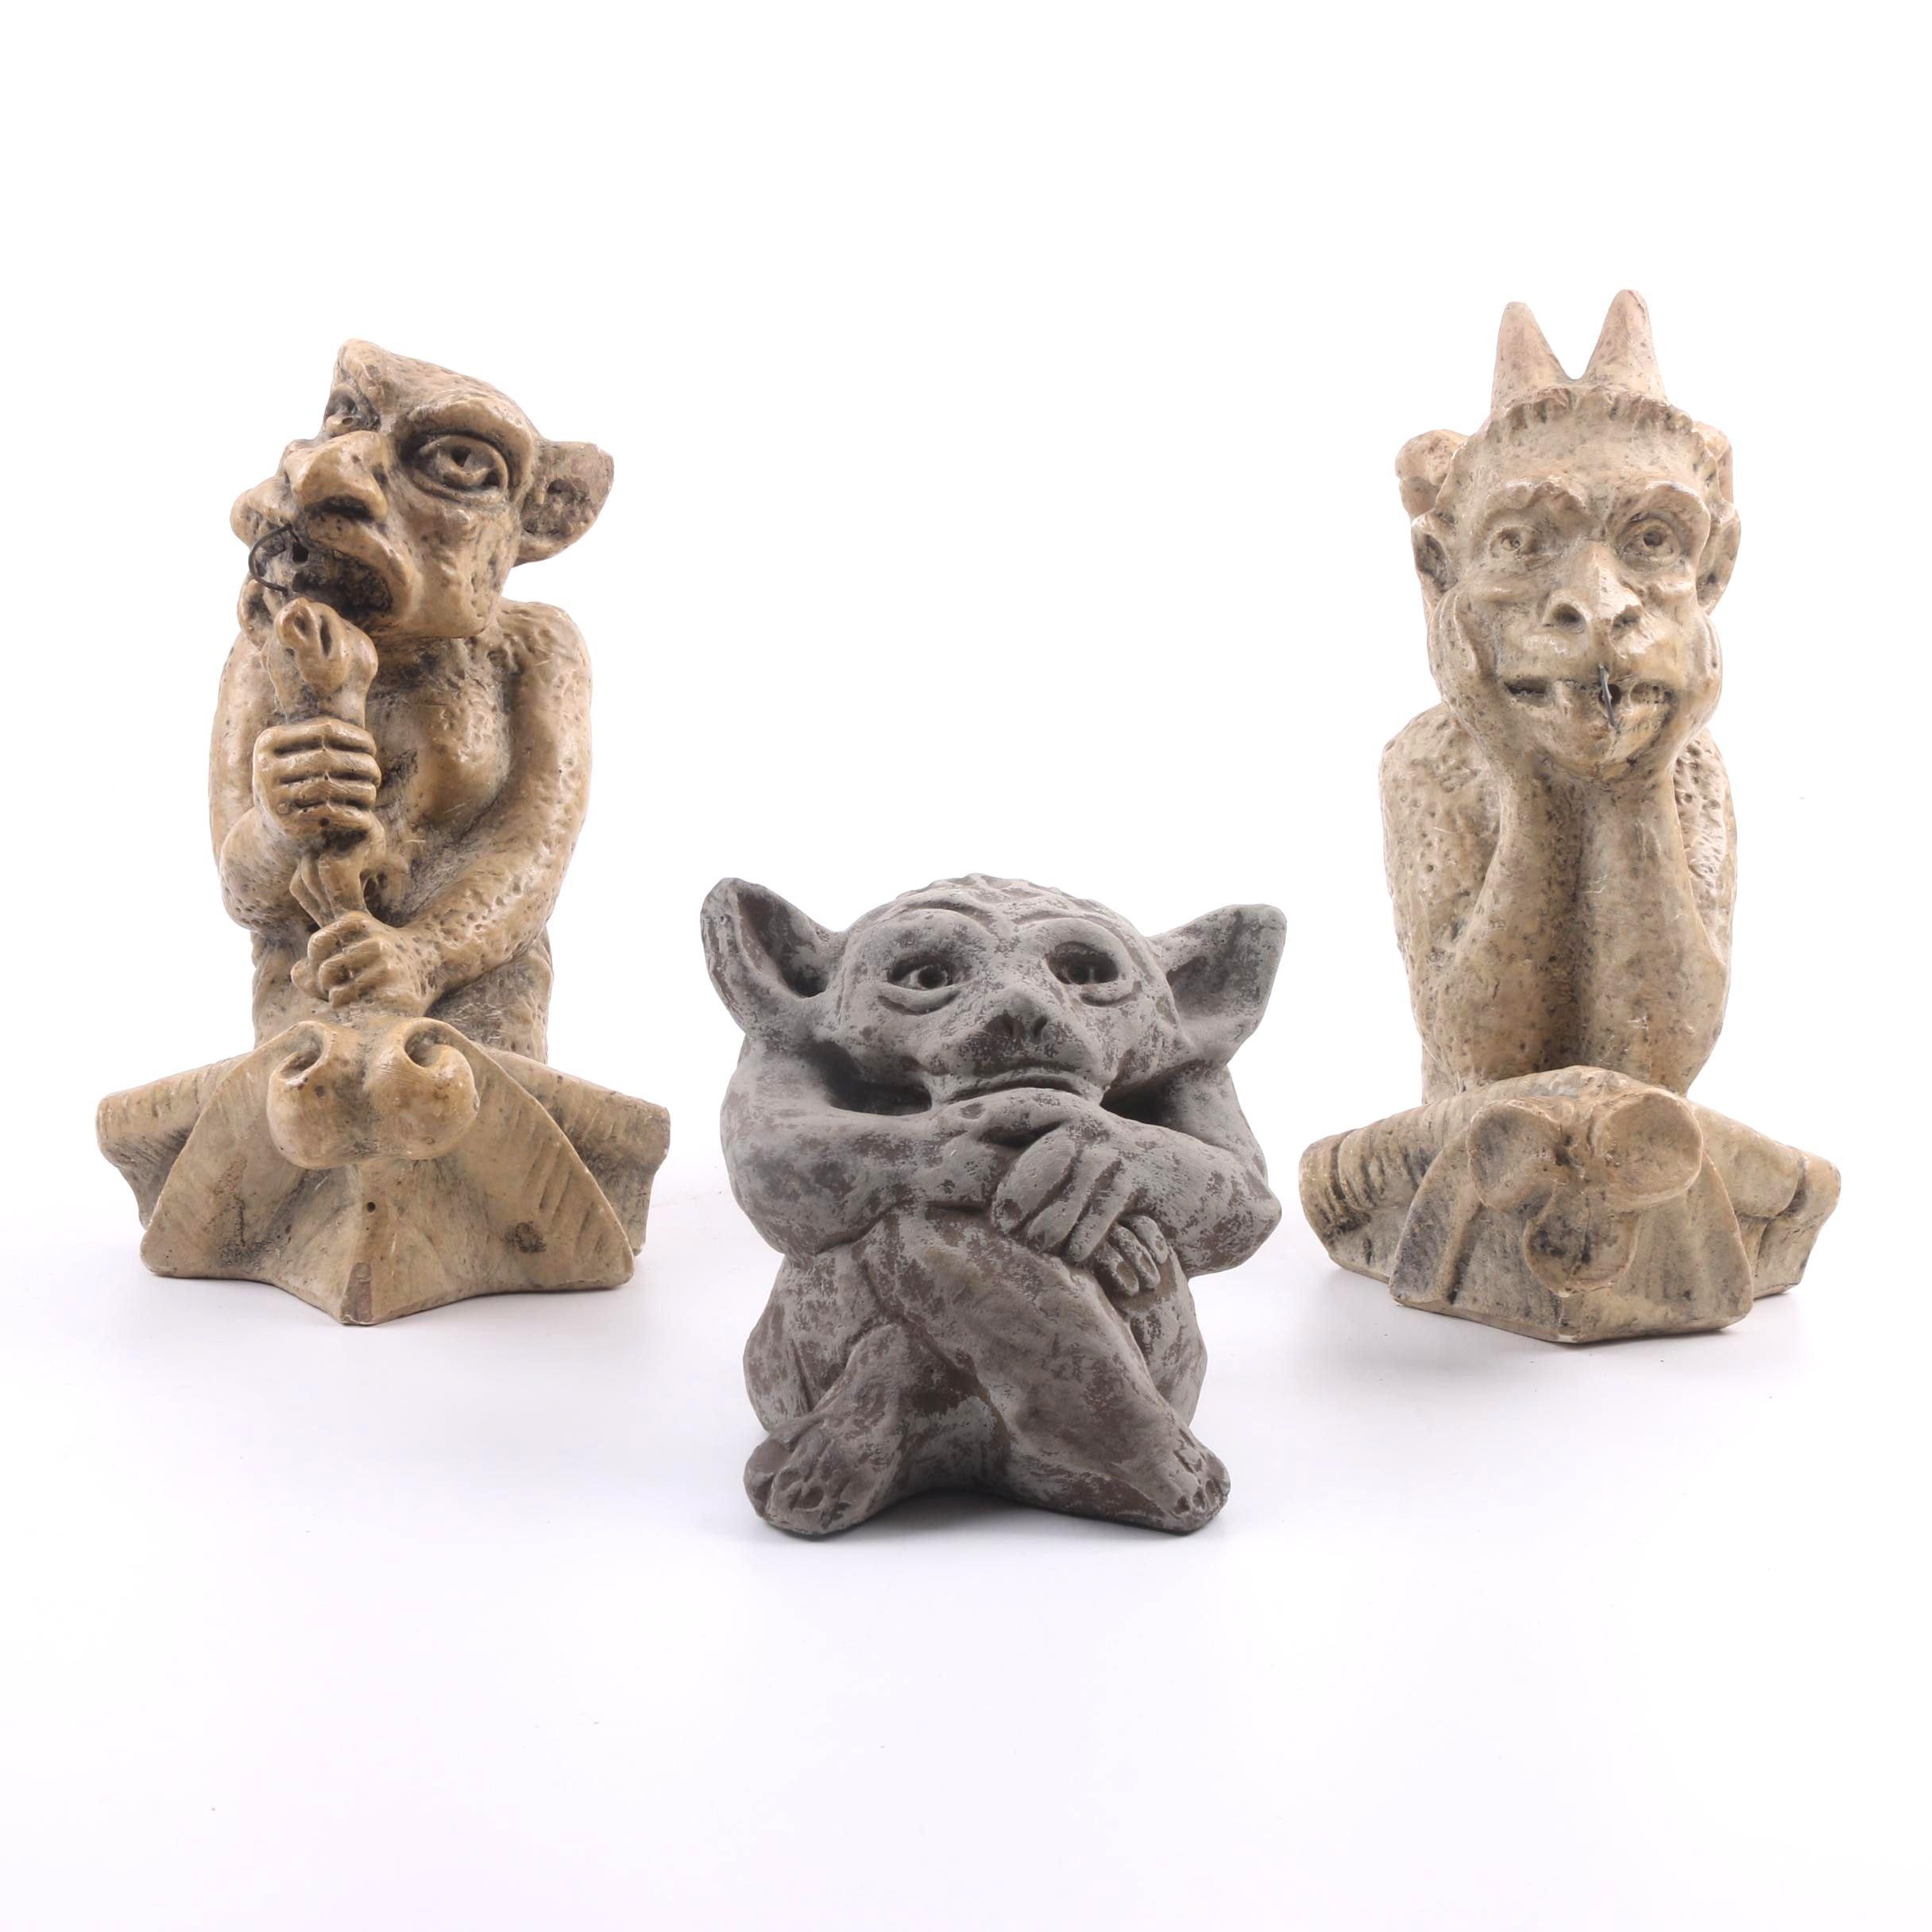 Cast Ceramic Gargoyles, Replicas of Those at Notre Dame